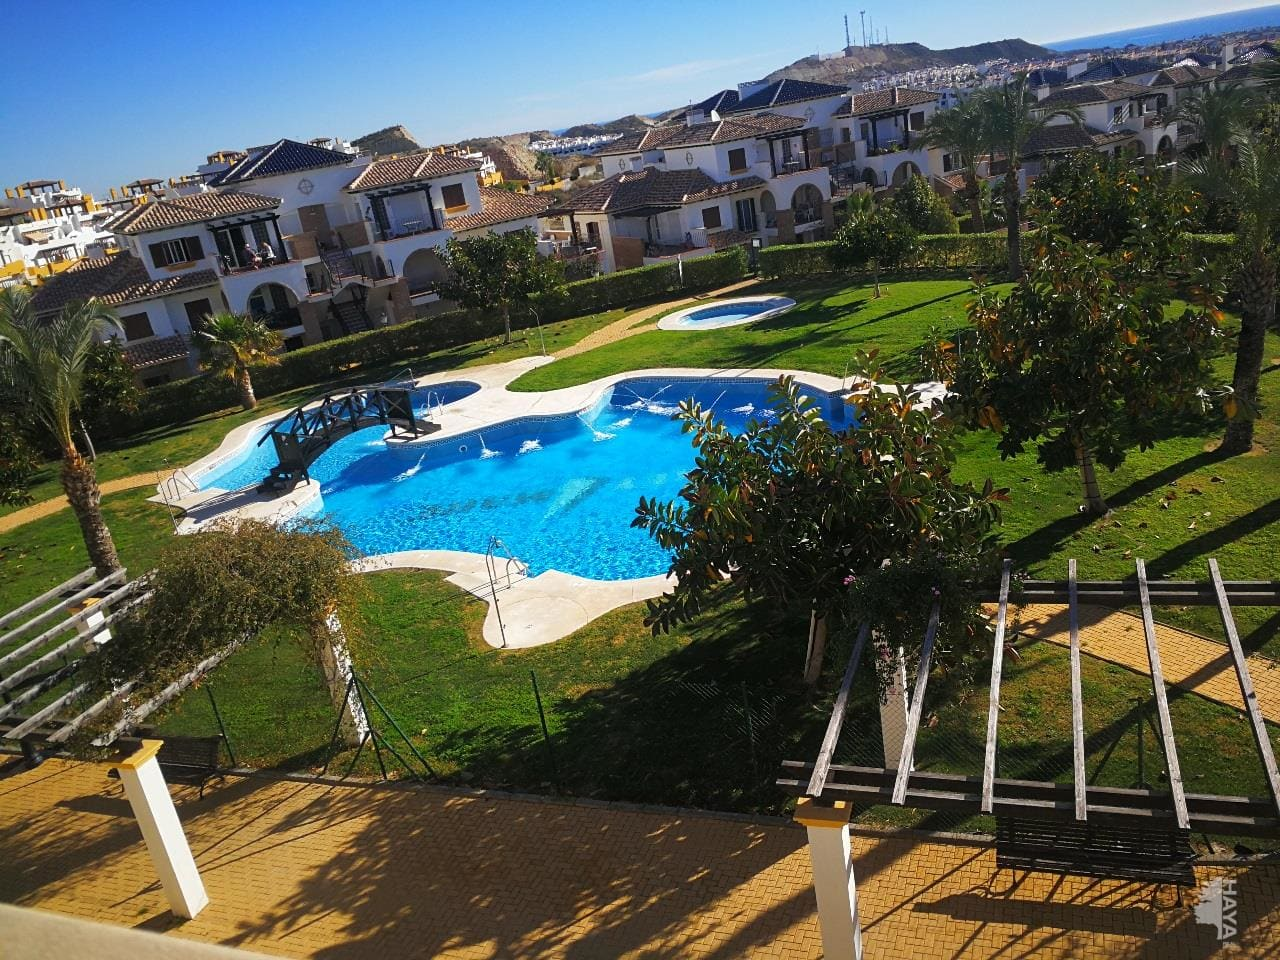 Piso en venta en Vera Playa, Vera, Almería, Calle Tomillo, 102.600 €, 2 habitaciones, 2 baños, 82 m2